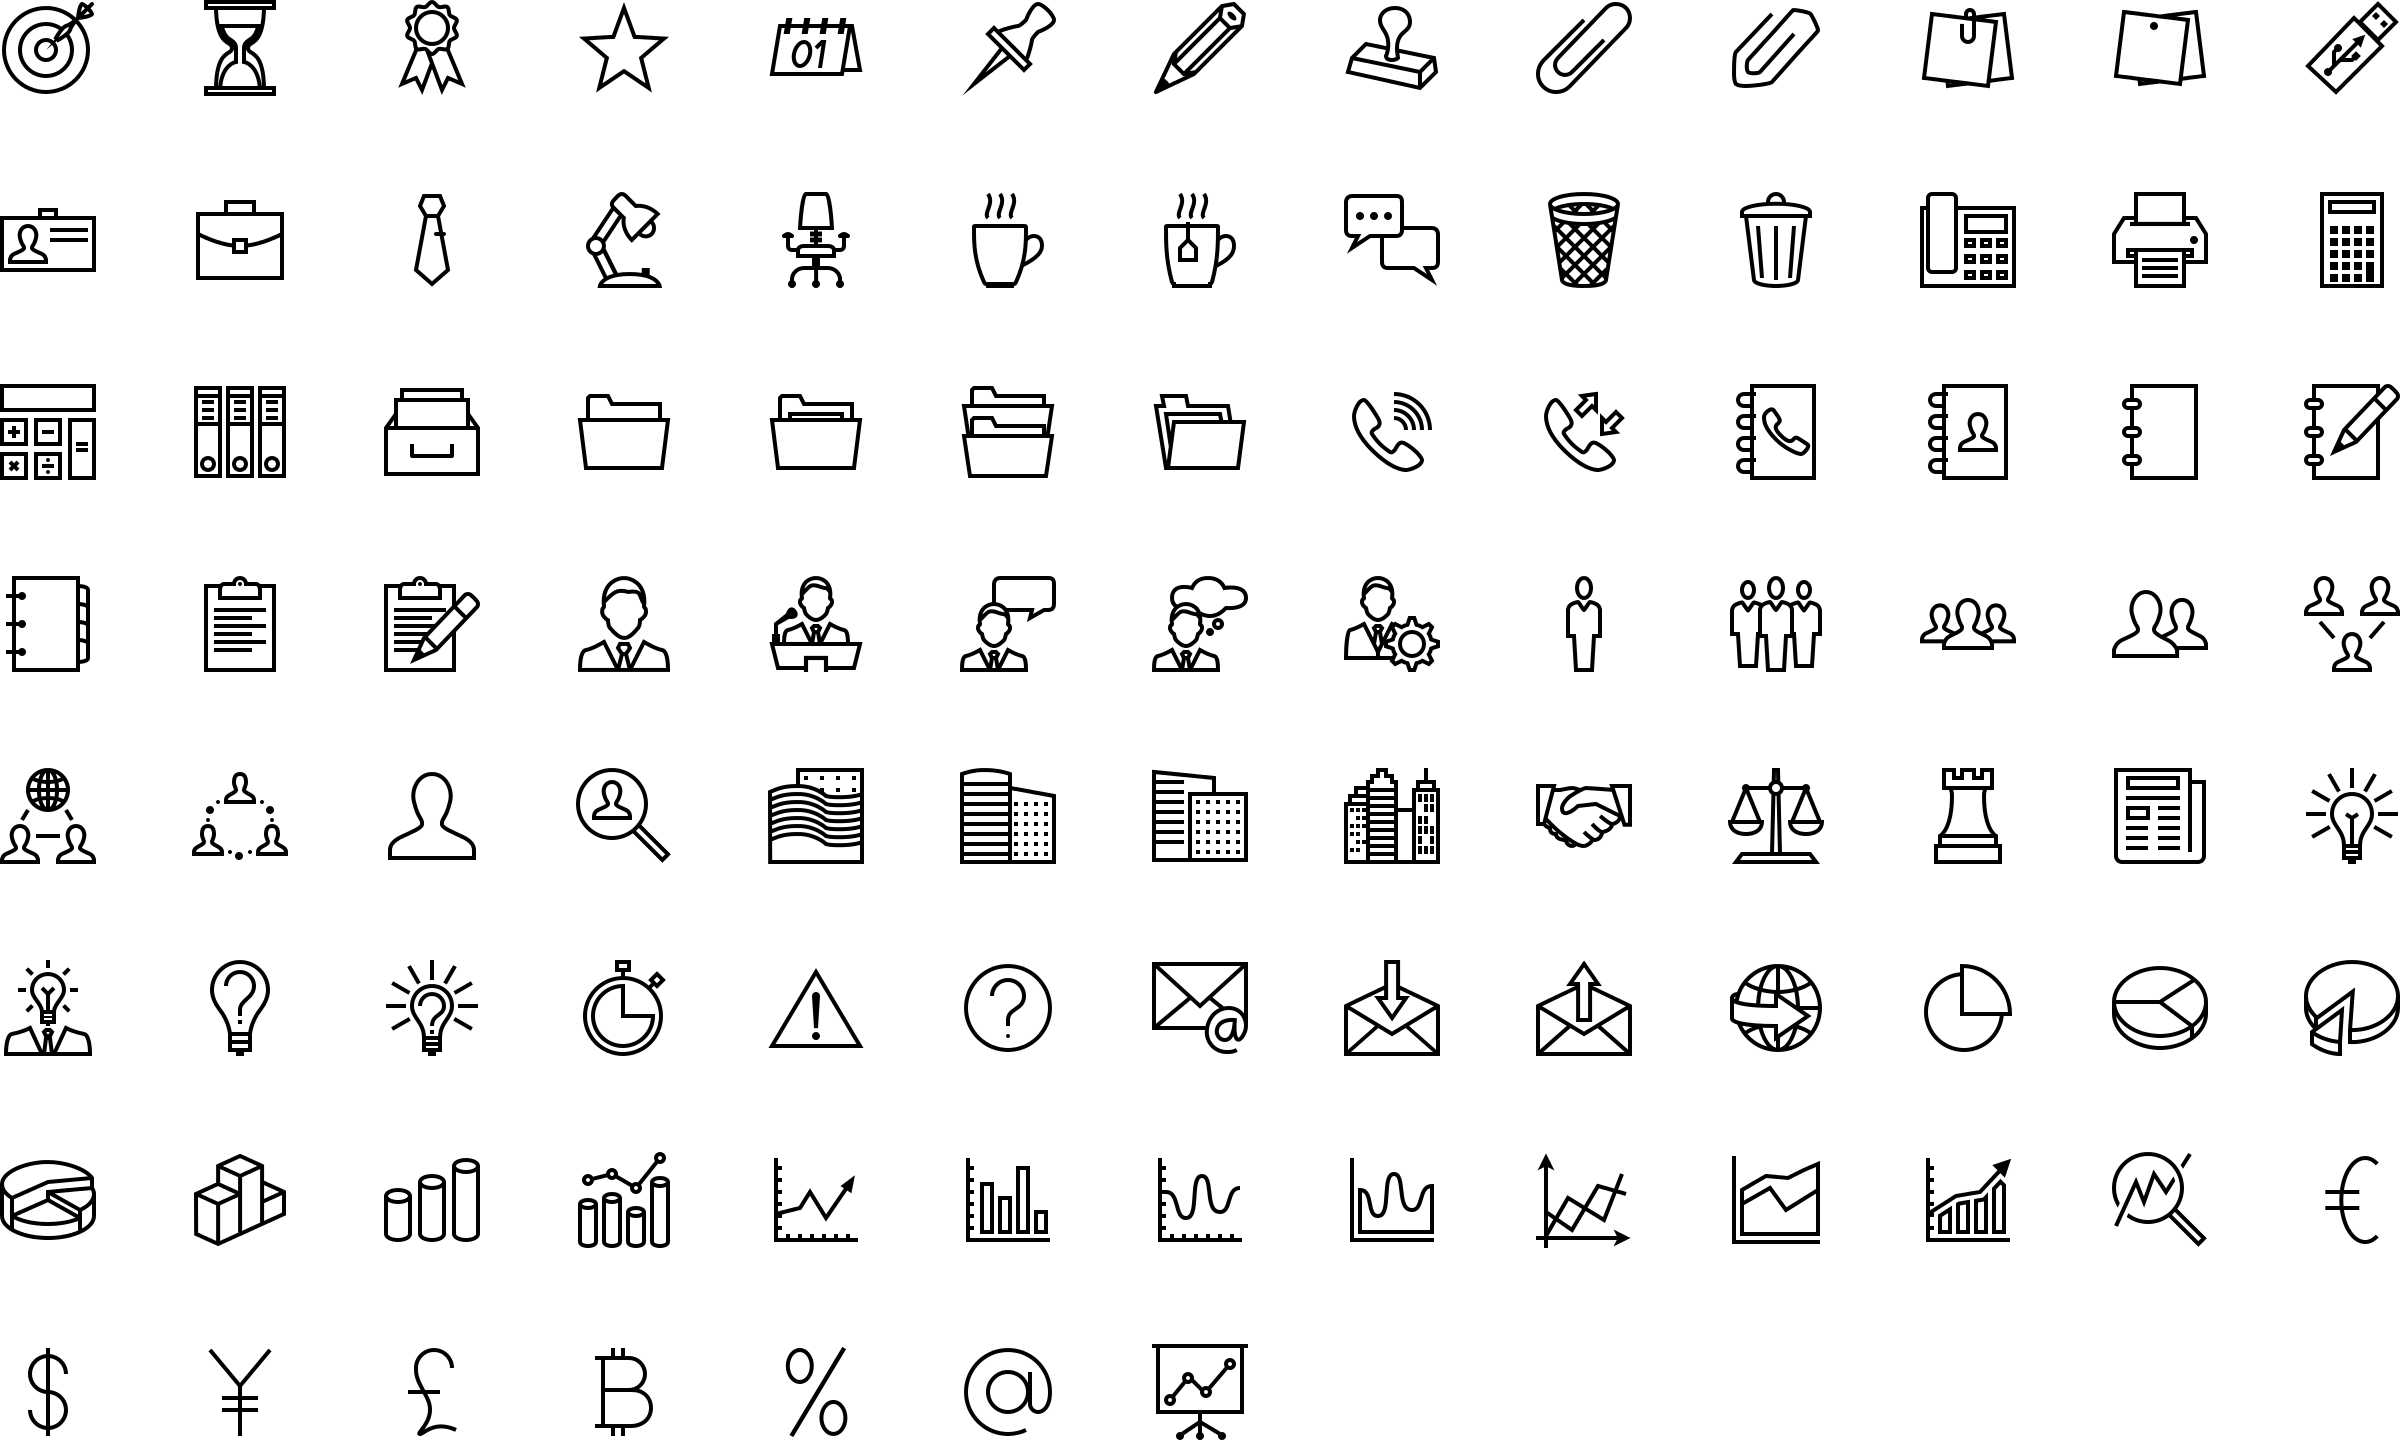 именно наборы иконок и картинок снегом там